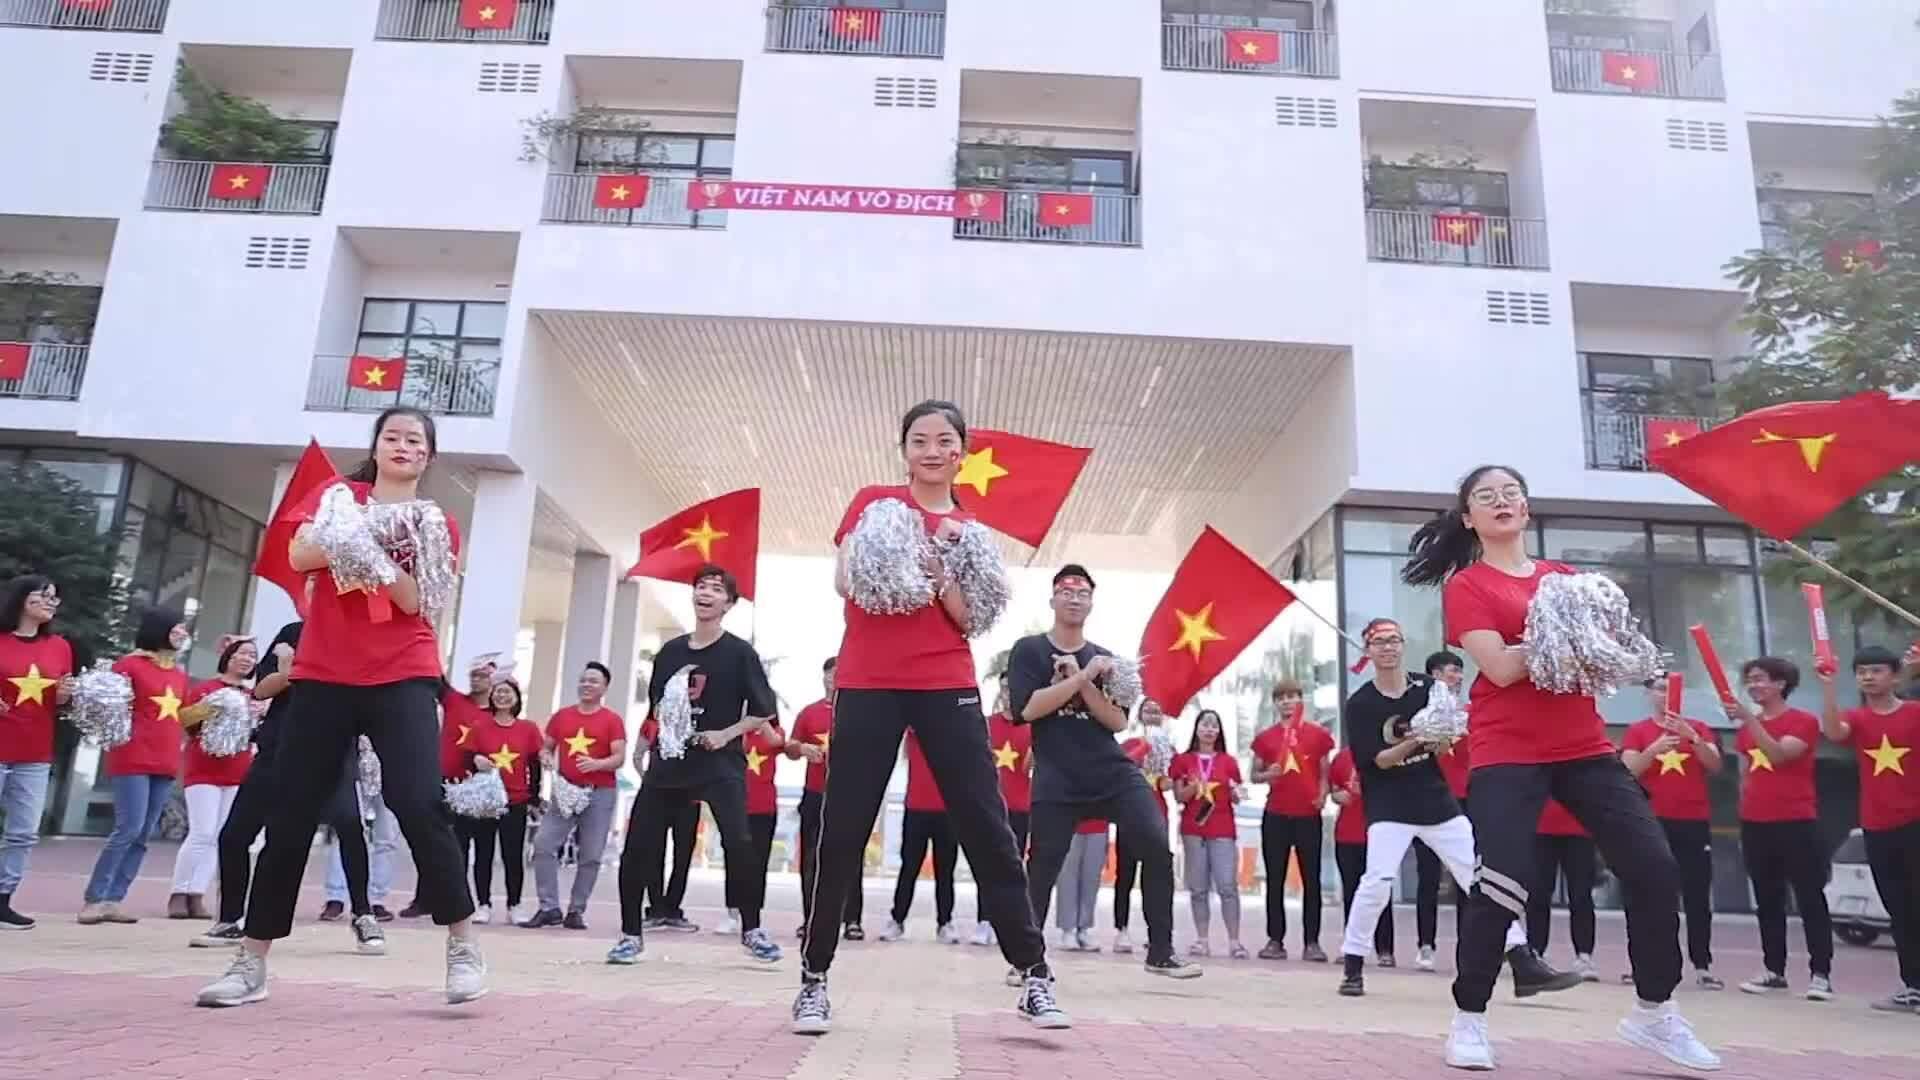 Thầy trò Đại học FPT làm video cổ vũ U22 Việt Nam